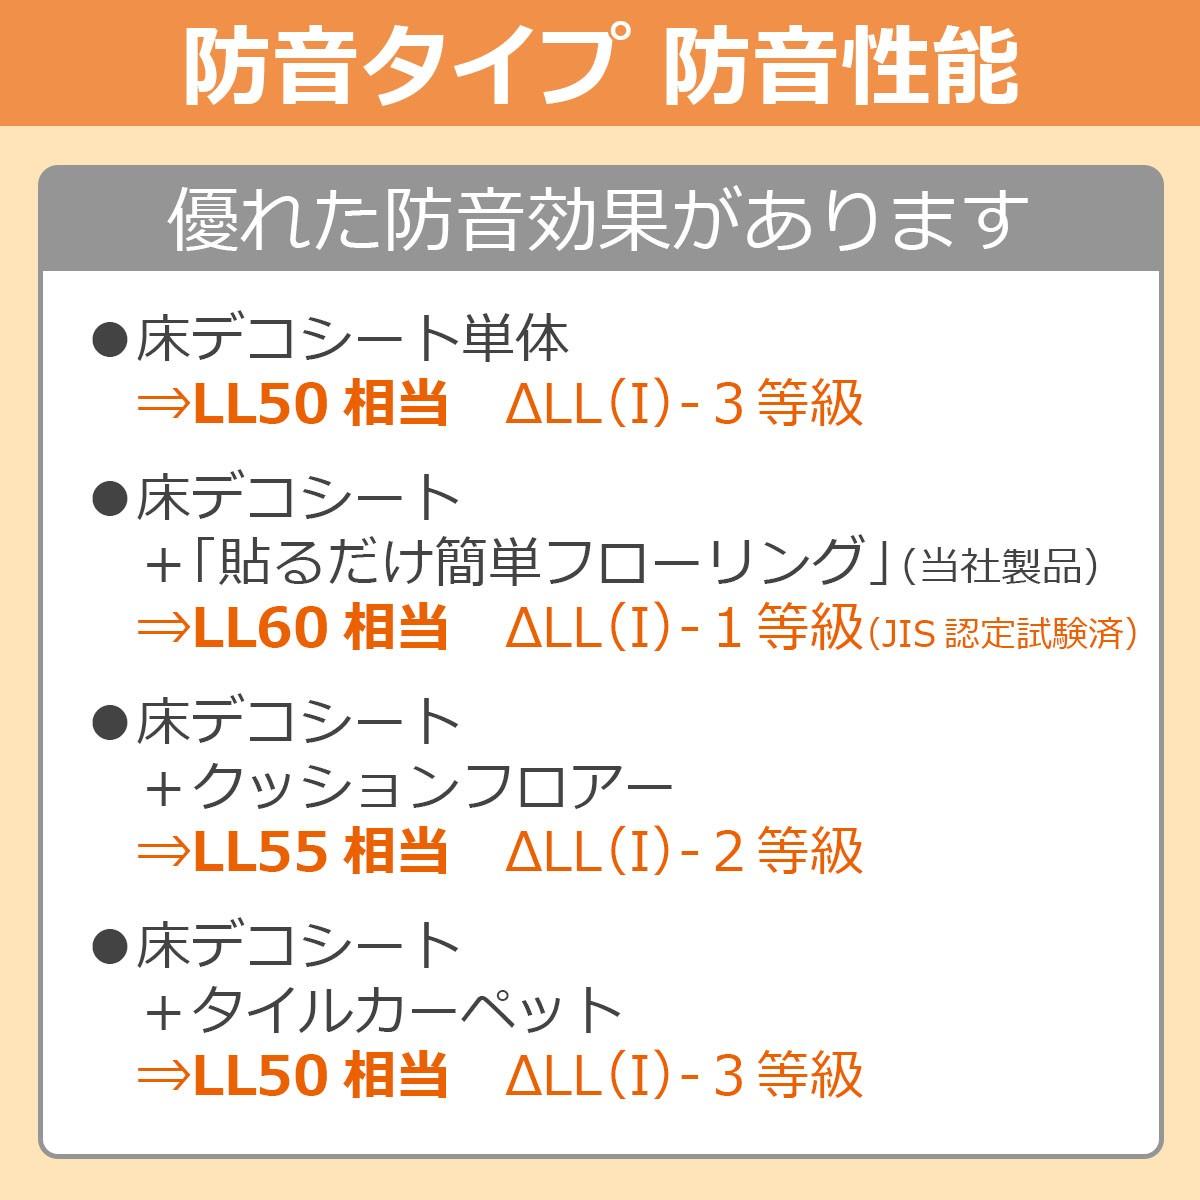 防音タイプ 防音性能 優れたな防音効果があります ◎床デコシート単体…LL50相当 デルタLL(I)3等級 ◎床デコシート+「貼るだけ簡単フローリング」(当社製品)…LL60相当 デルタLL(I)1等級(JIS認定試験済) ◎床デコシート+クッションフロアー…LL55相当 デルタLL(I)2等級 ◎床デコシート+タイルカーペット…LL50相当 デルタLL(I)3等級